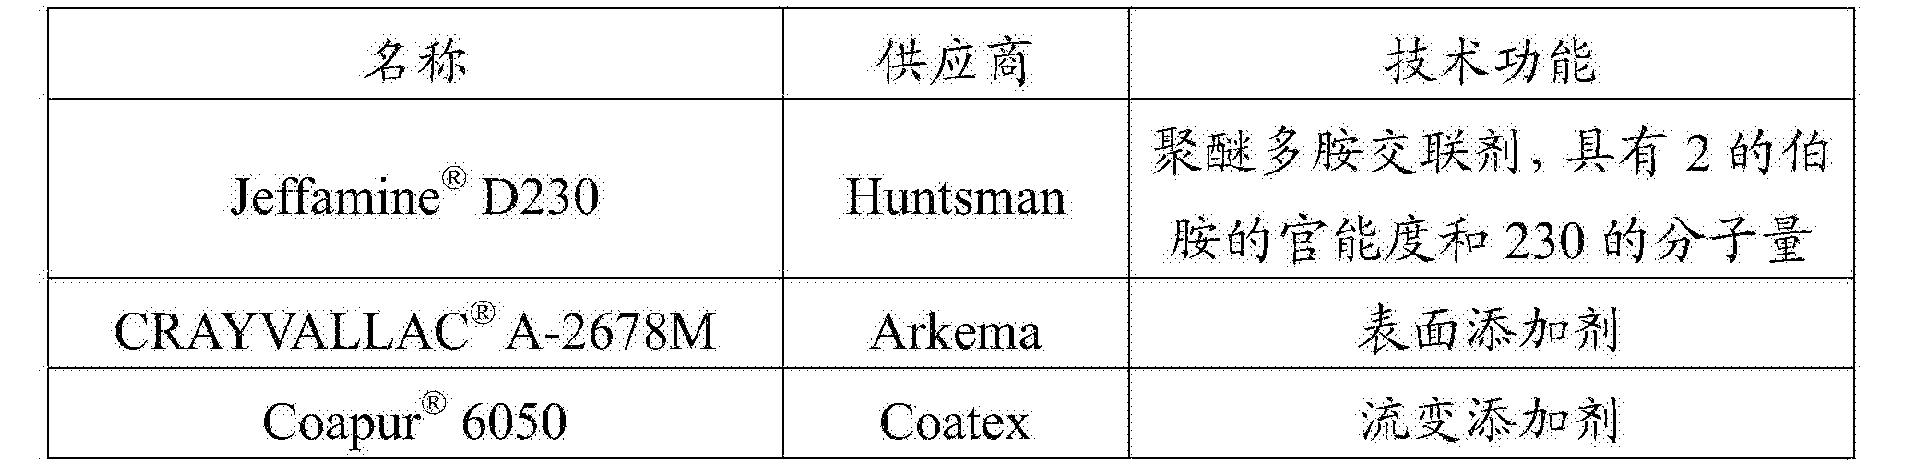 Figure CN104995270BD00191